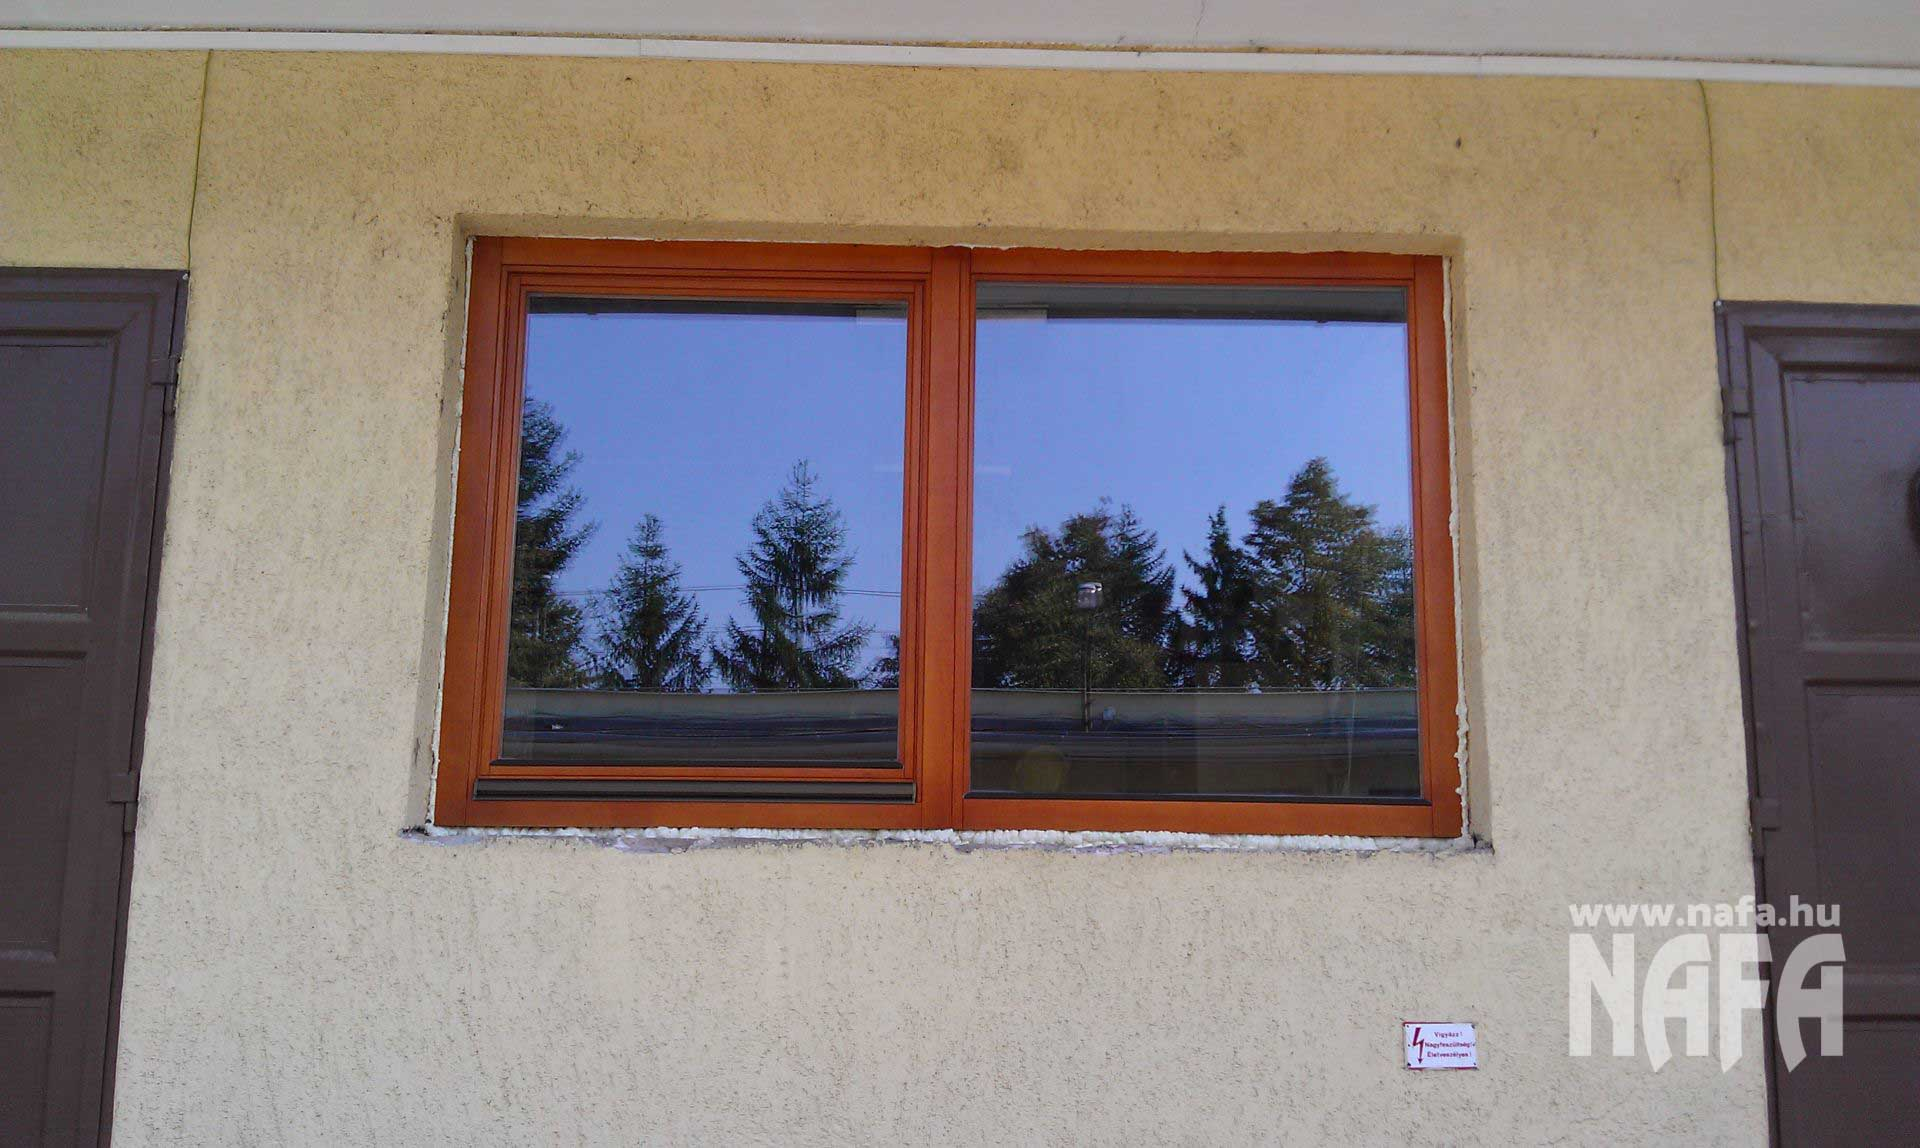 Fa nyílászárók, egyedi festett ablak, Nagykanizsa Közintézmény